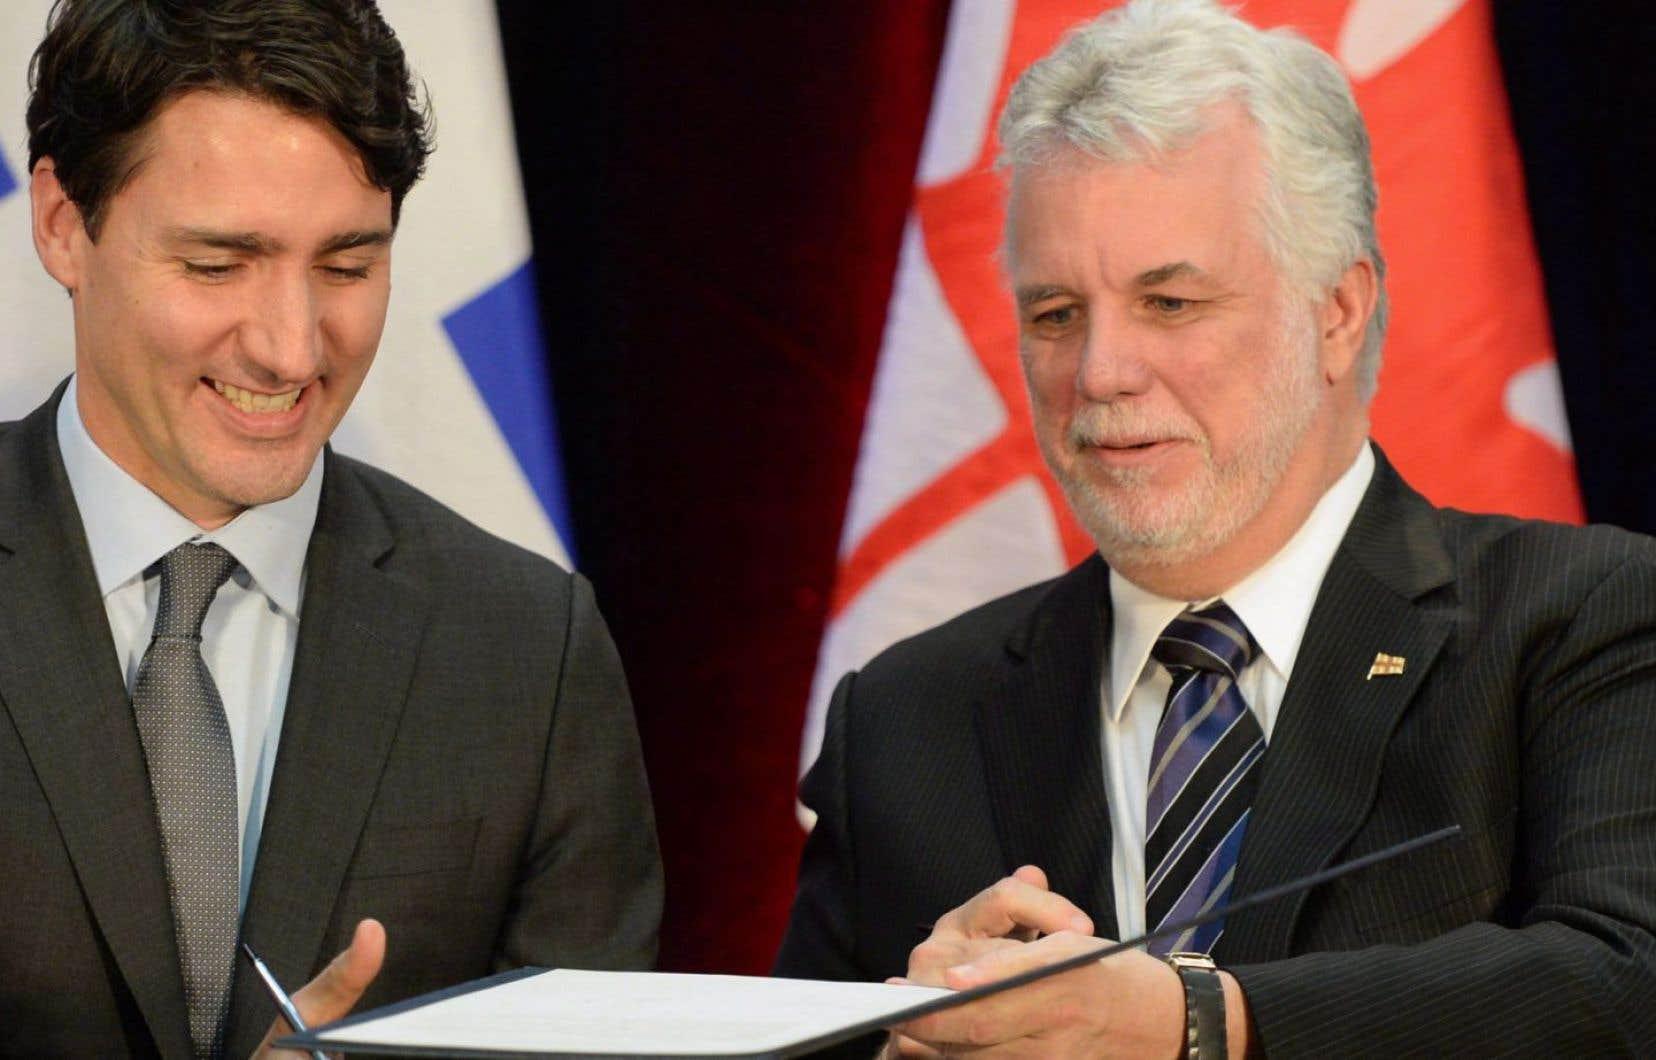 Le premier ministre du Canada, Justin Trudeau, en compagnie de son homologue du Québec, Philippe Couillard, en 2016